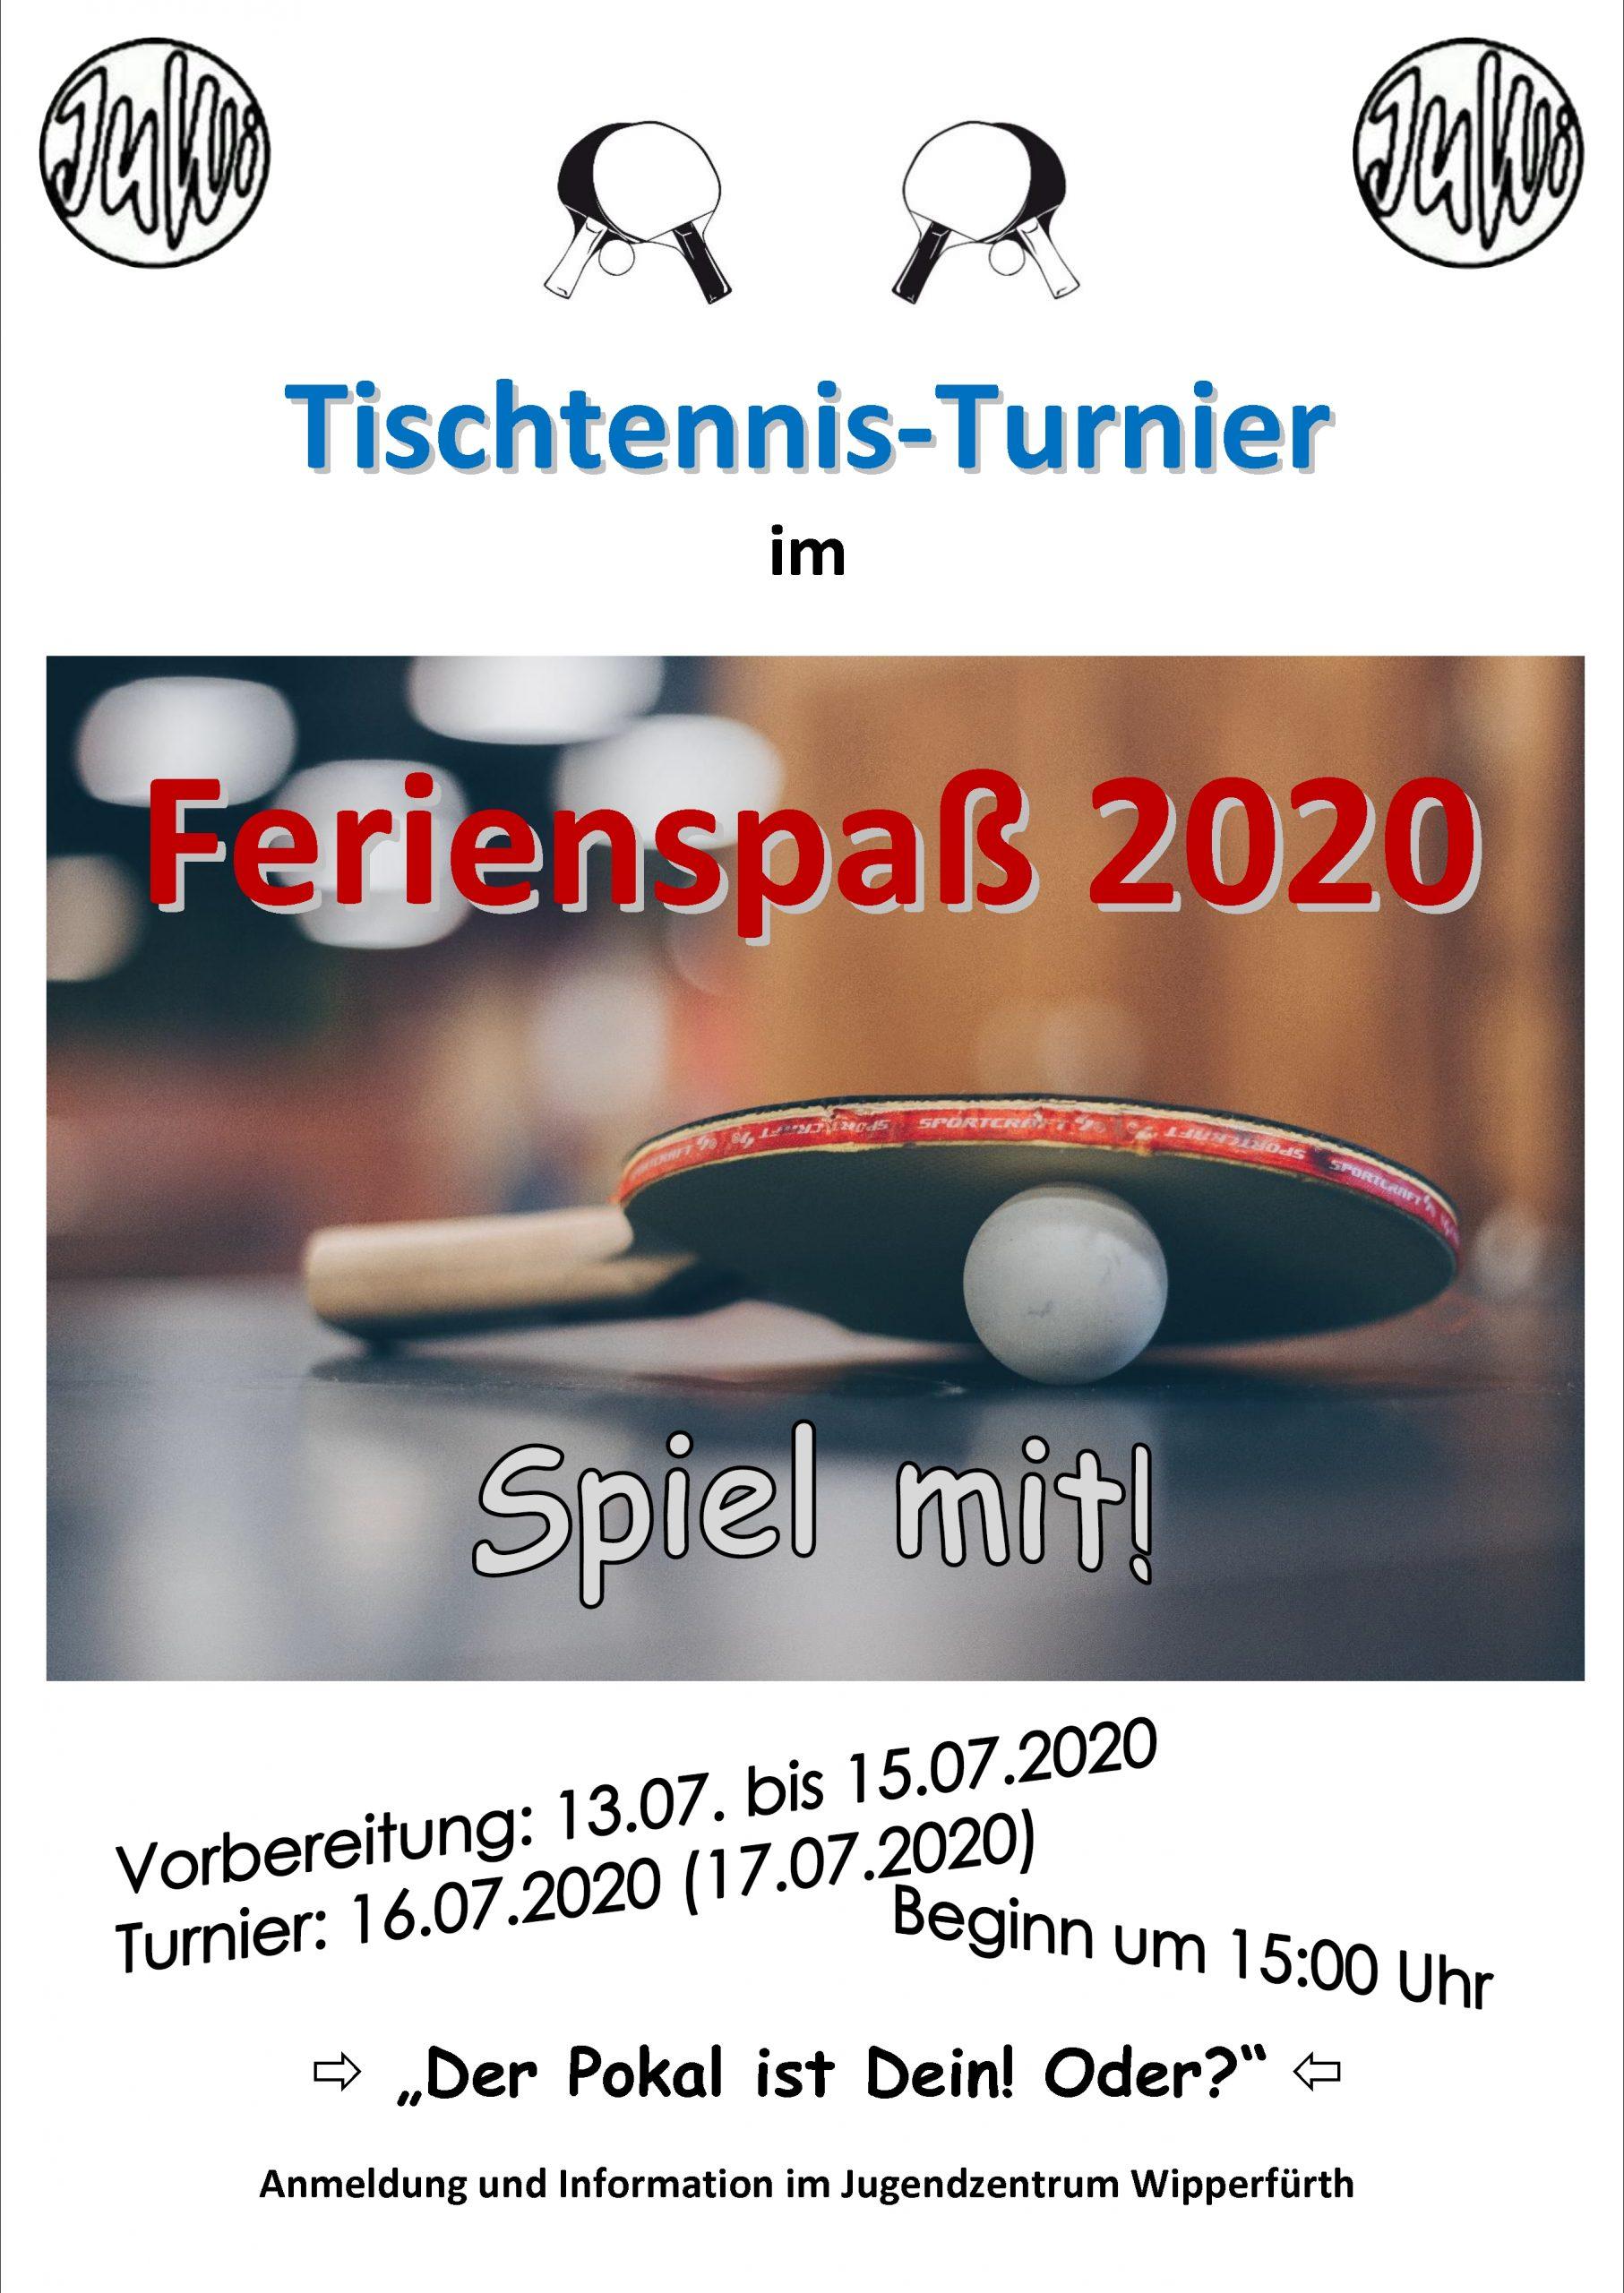 Tischtennisturnier im Jugendzentrum am 16.07.2020